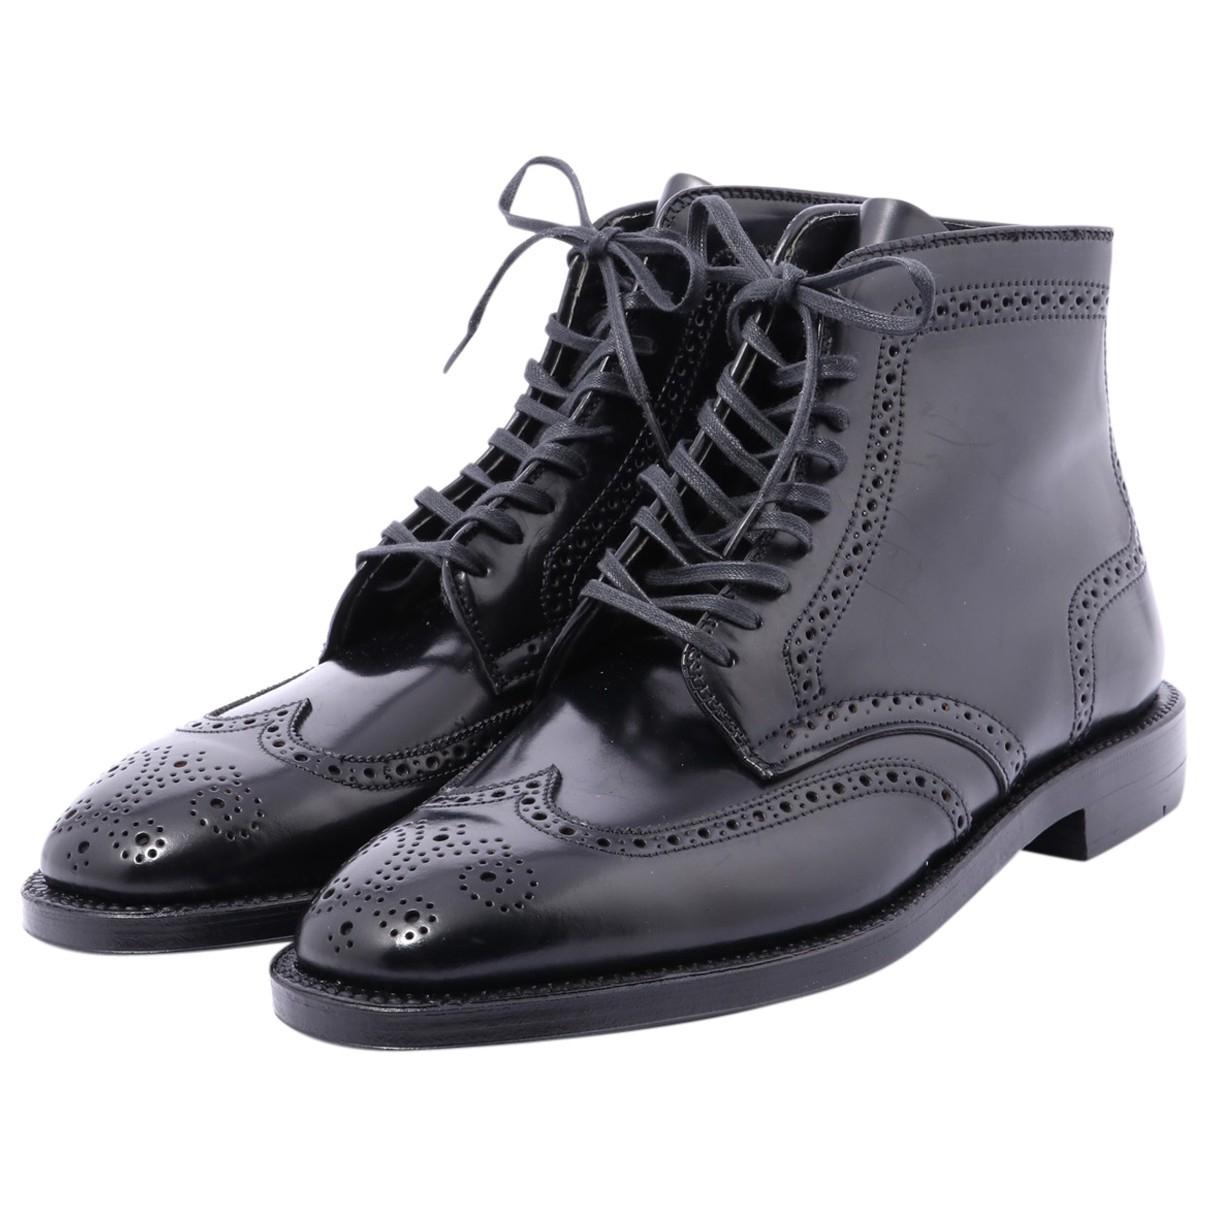 Alden N Black Leather Boots for Men 8 US